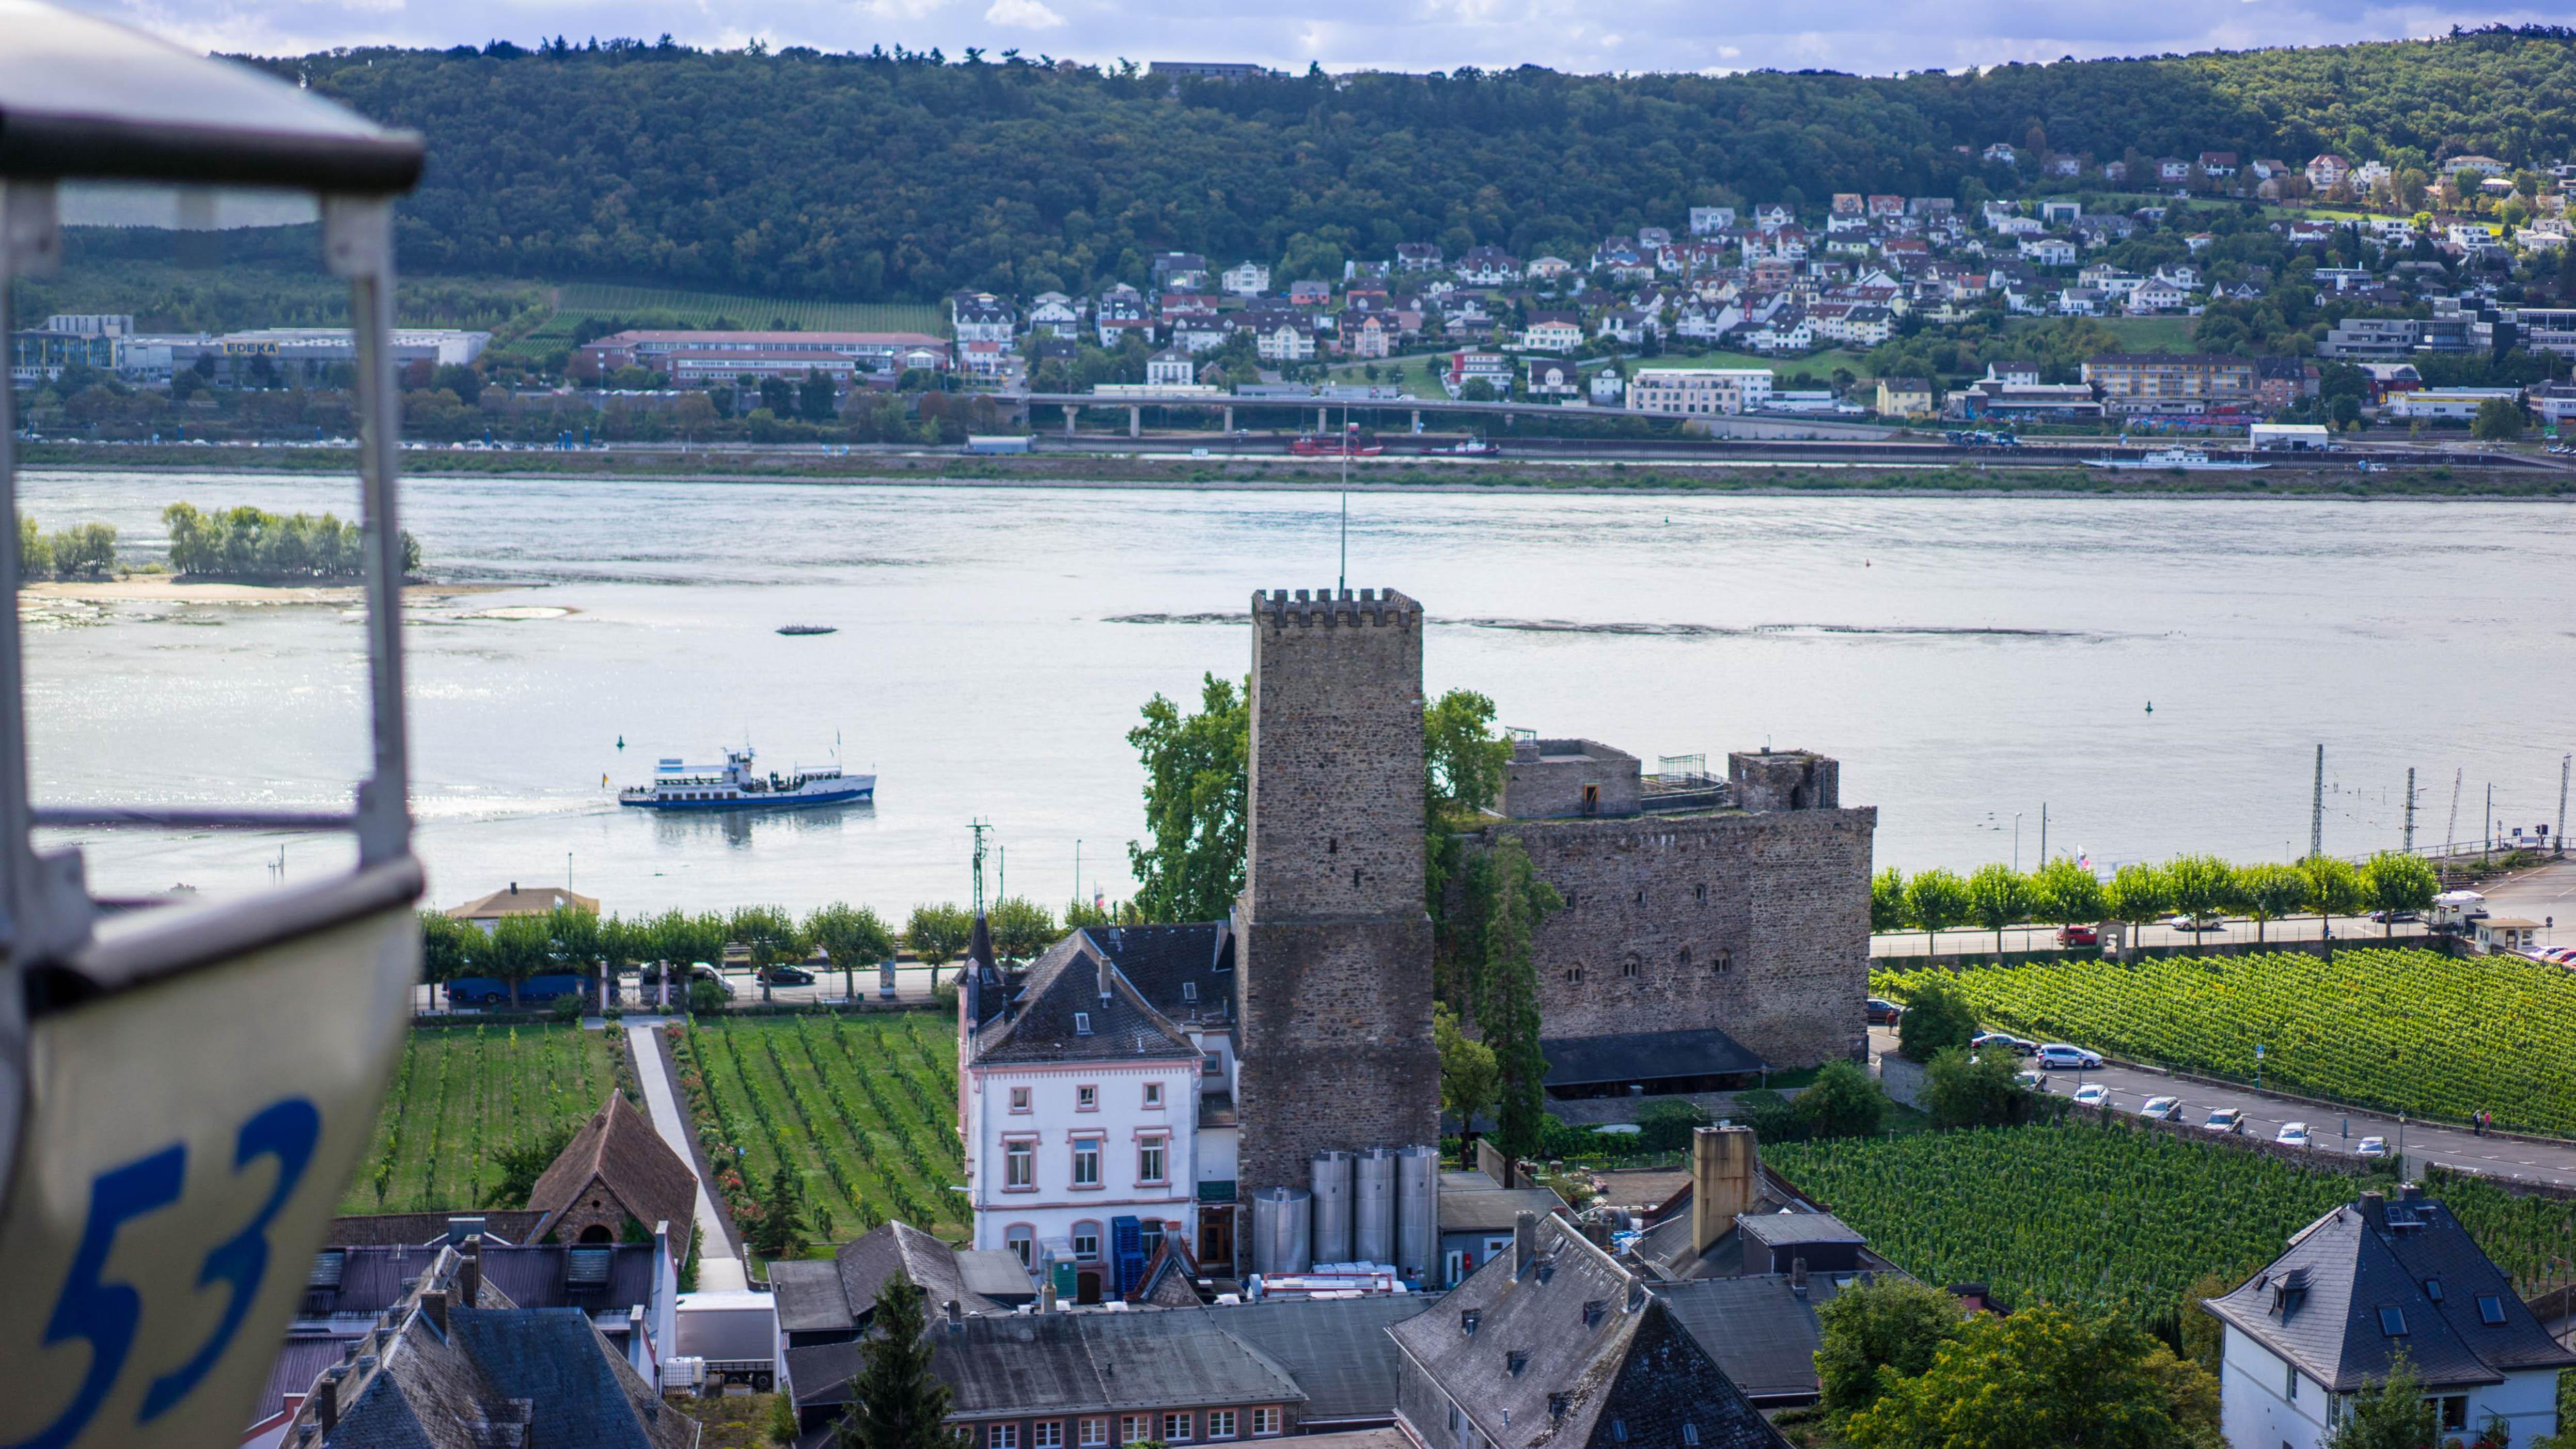 Am Rhein zwischen Bingen und Koblenz, Rüdesheim